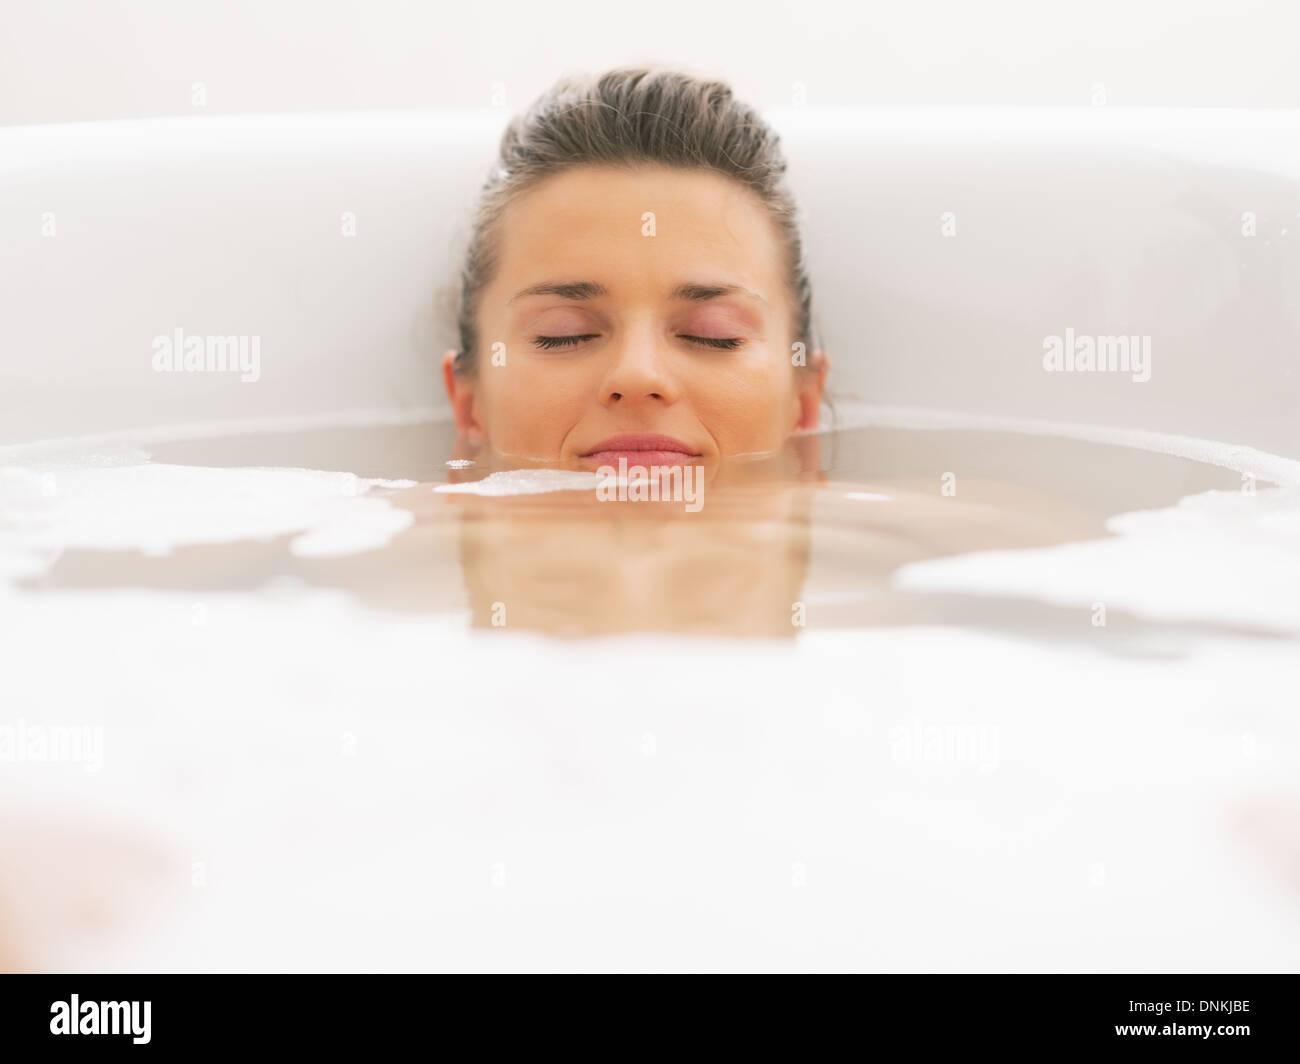 Junge Frau, die Verlegung unter Wasser in Badewanne Stockbild